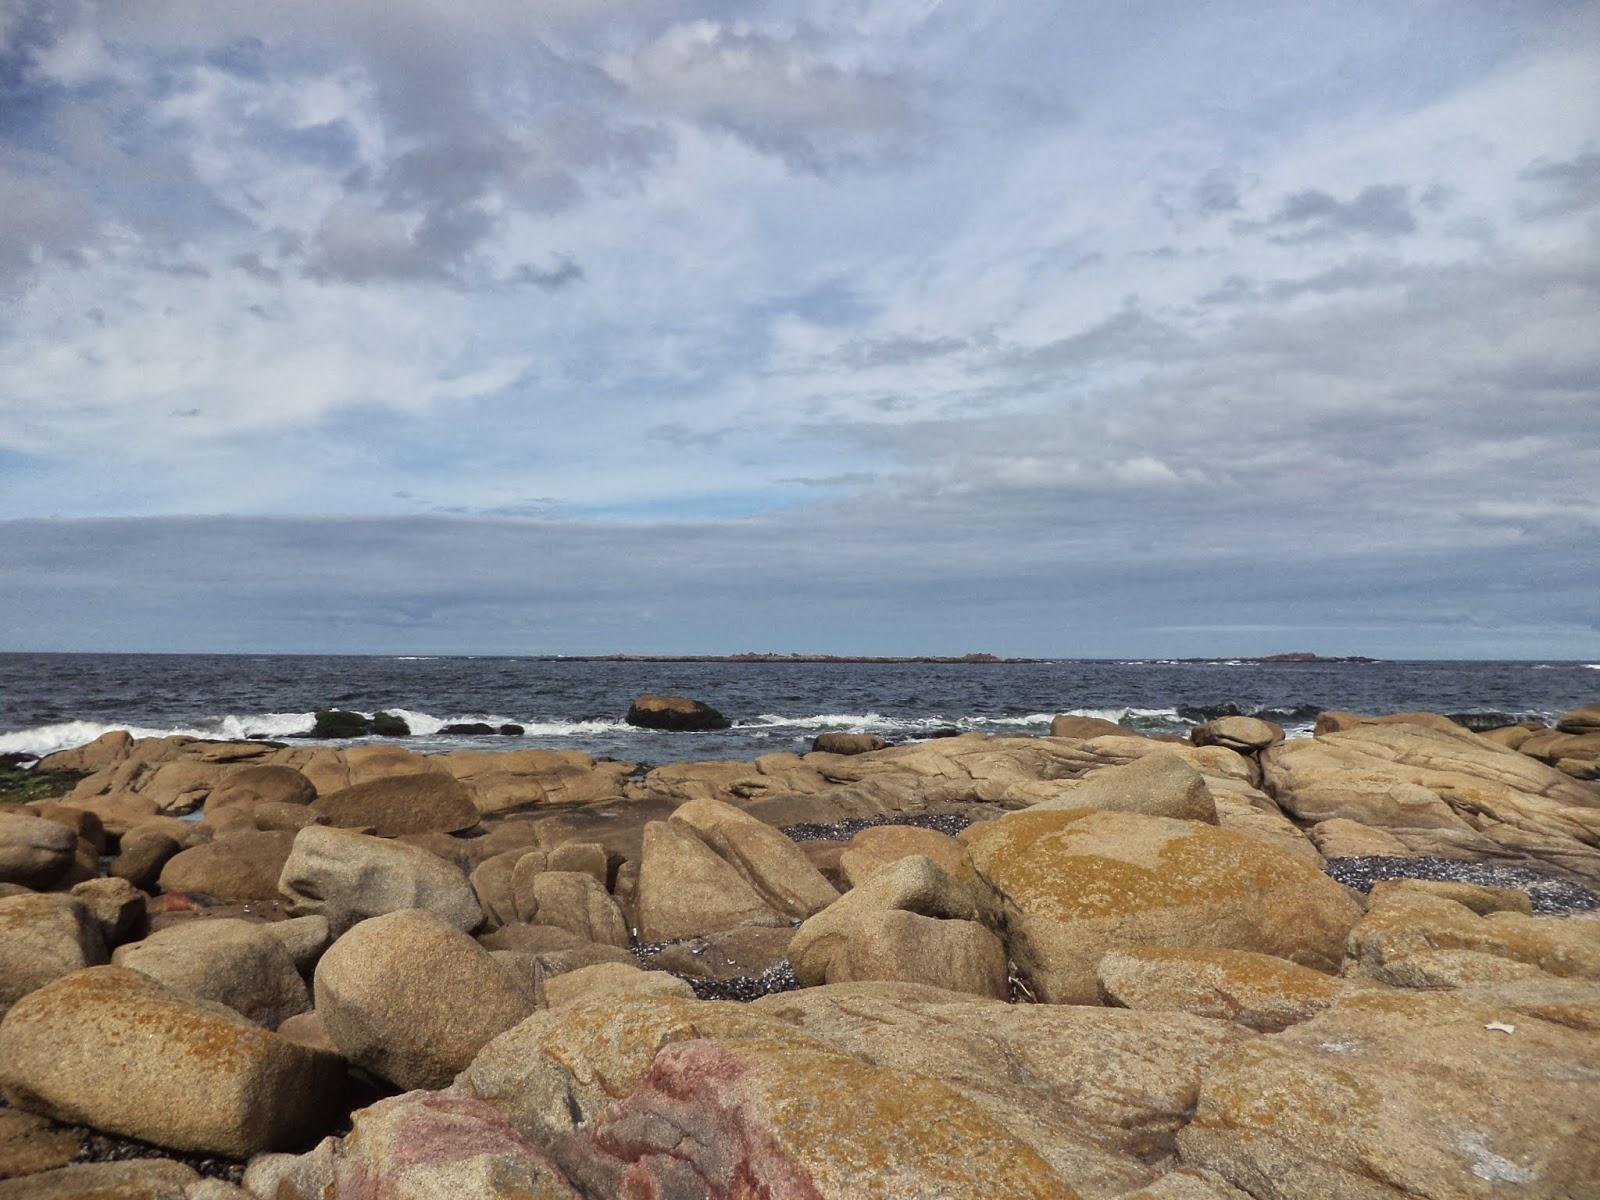 Dunas de ACabo Polonio, Faro del Cabo Polonio, Historia de Cabo Polonio, Balnearios de Rocha, Lugares de Uruguay, Lugares Sorprendentes de Uruguay,